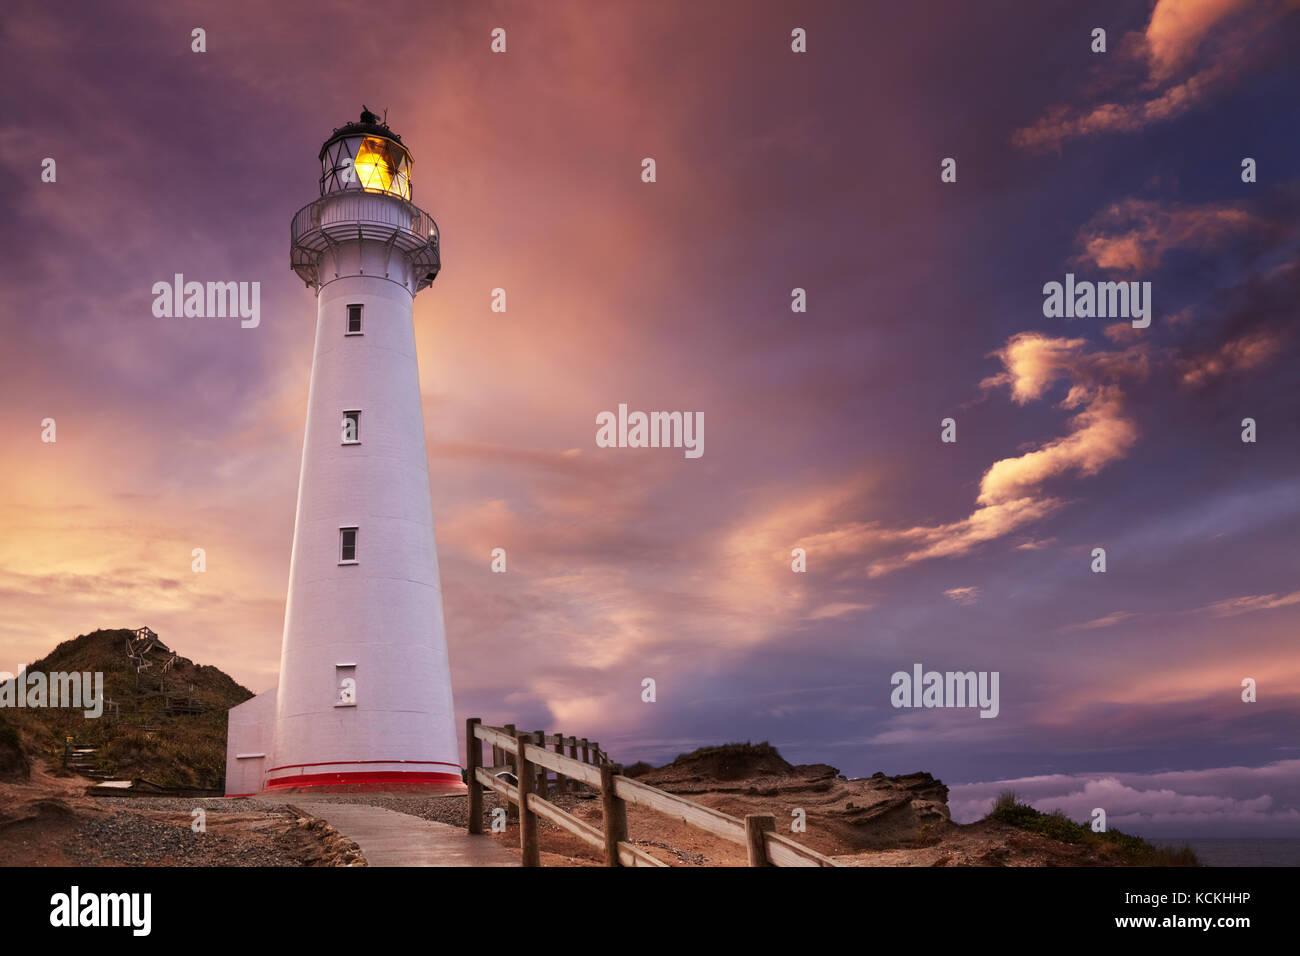 Château point lighthouse, coucher de soleil, wairarapa, Nouvelle-Zélande Photo Stock